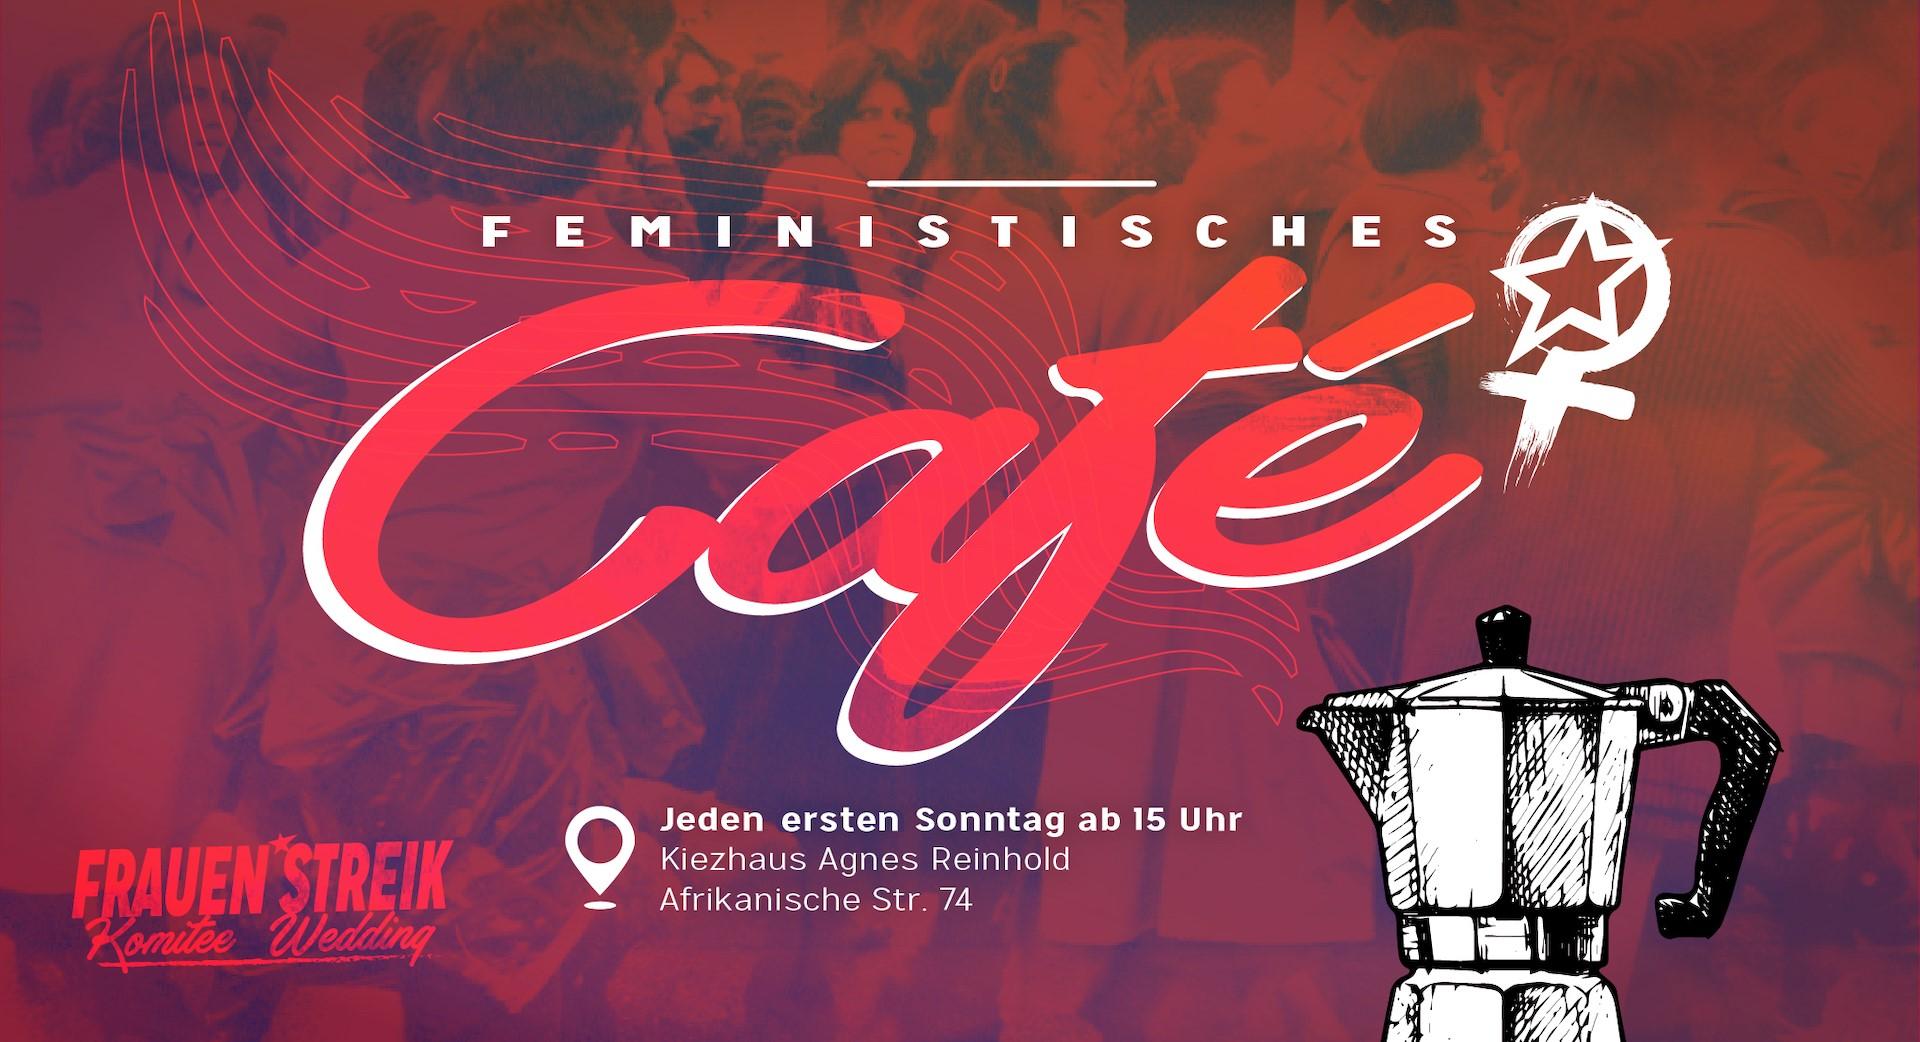 Feministisches Café